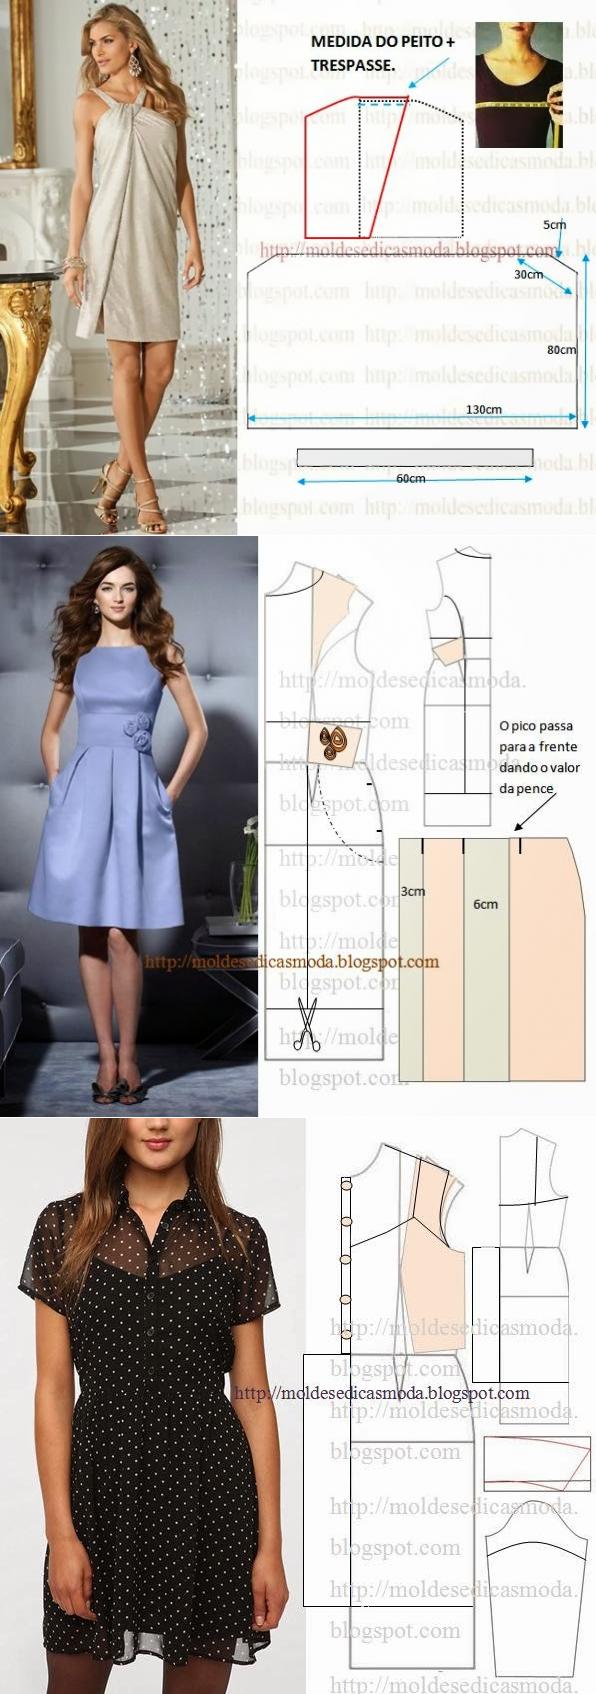 liveinternet.ru | Vestido | Pinterest | Costura, Patrones y Patrones ...